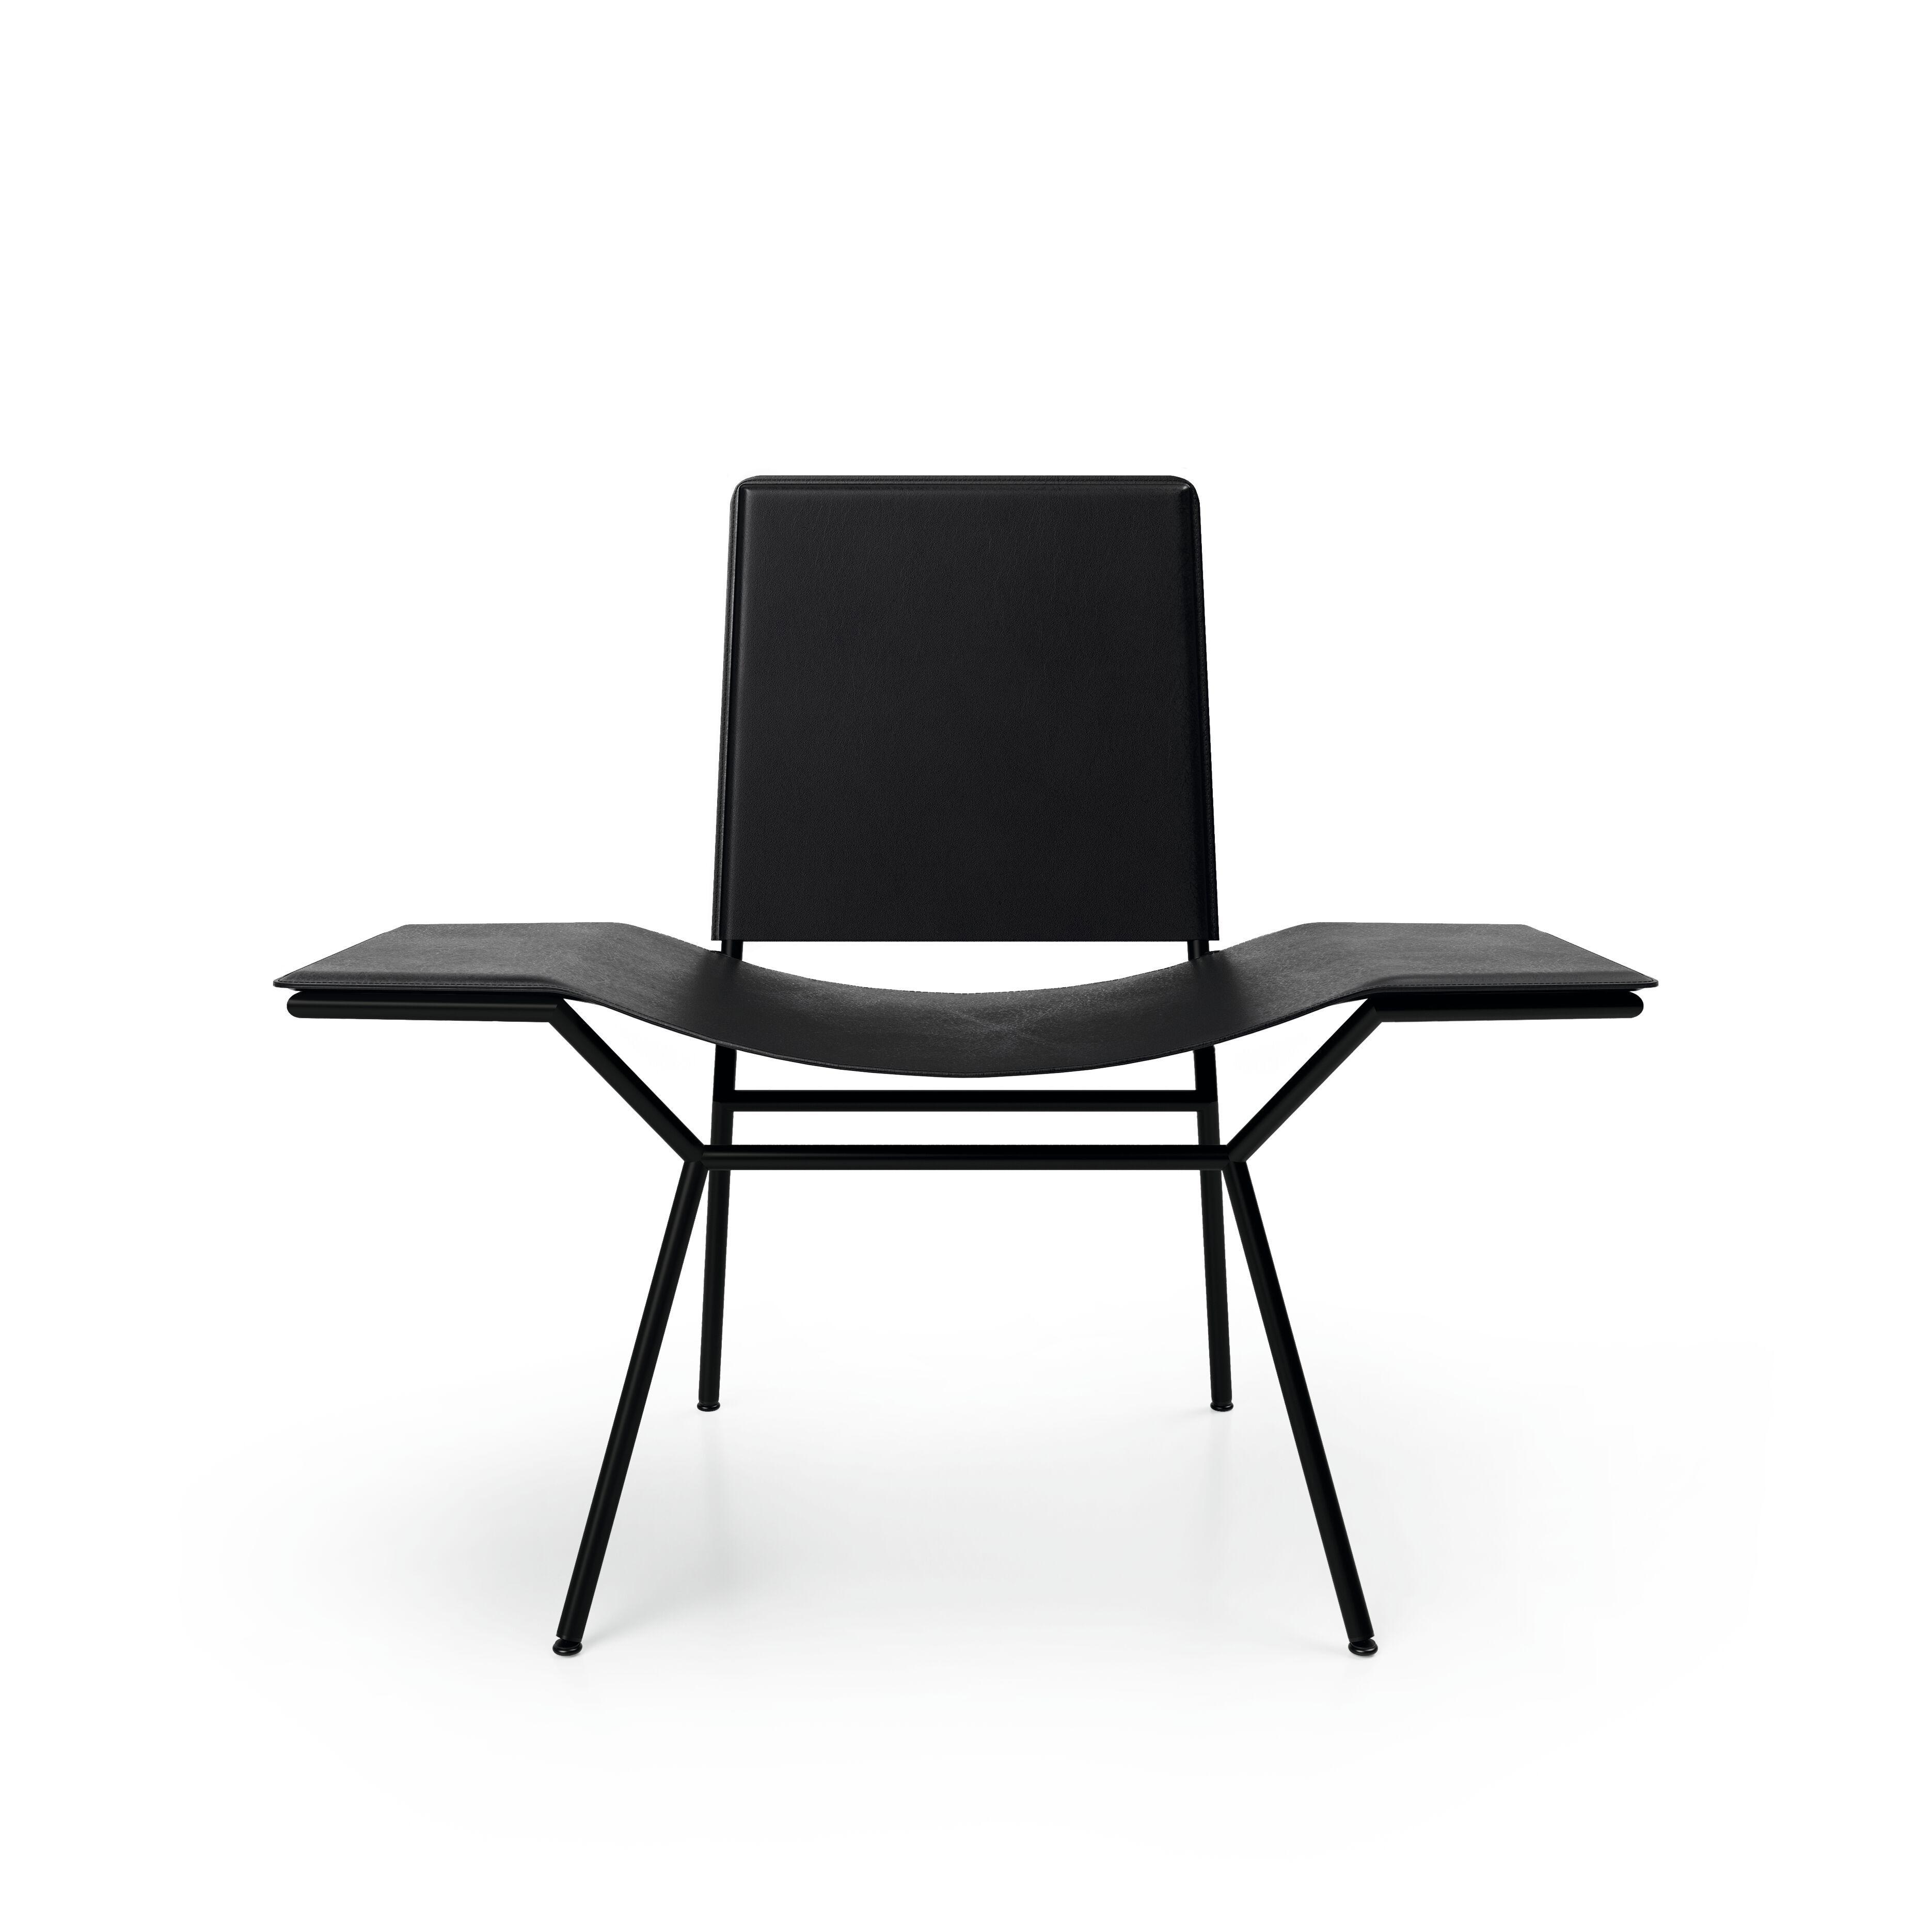 01_WK-Aisuu-Side-Chair-0001.tif